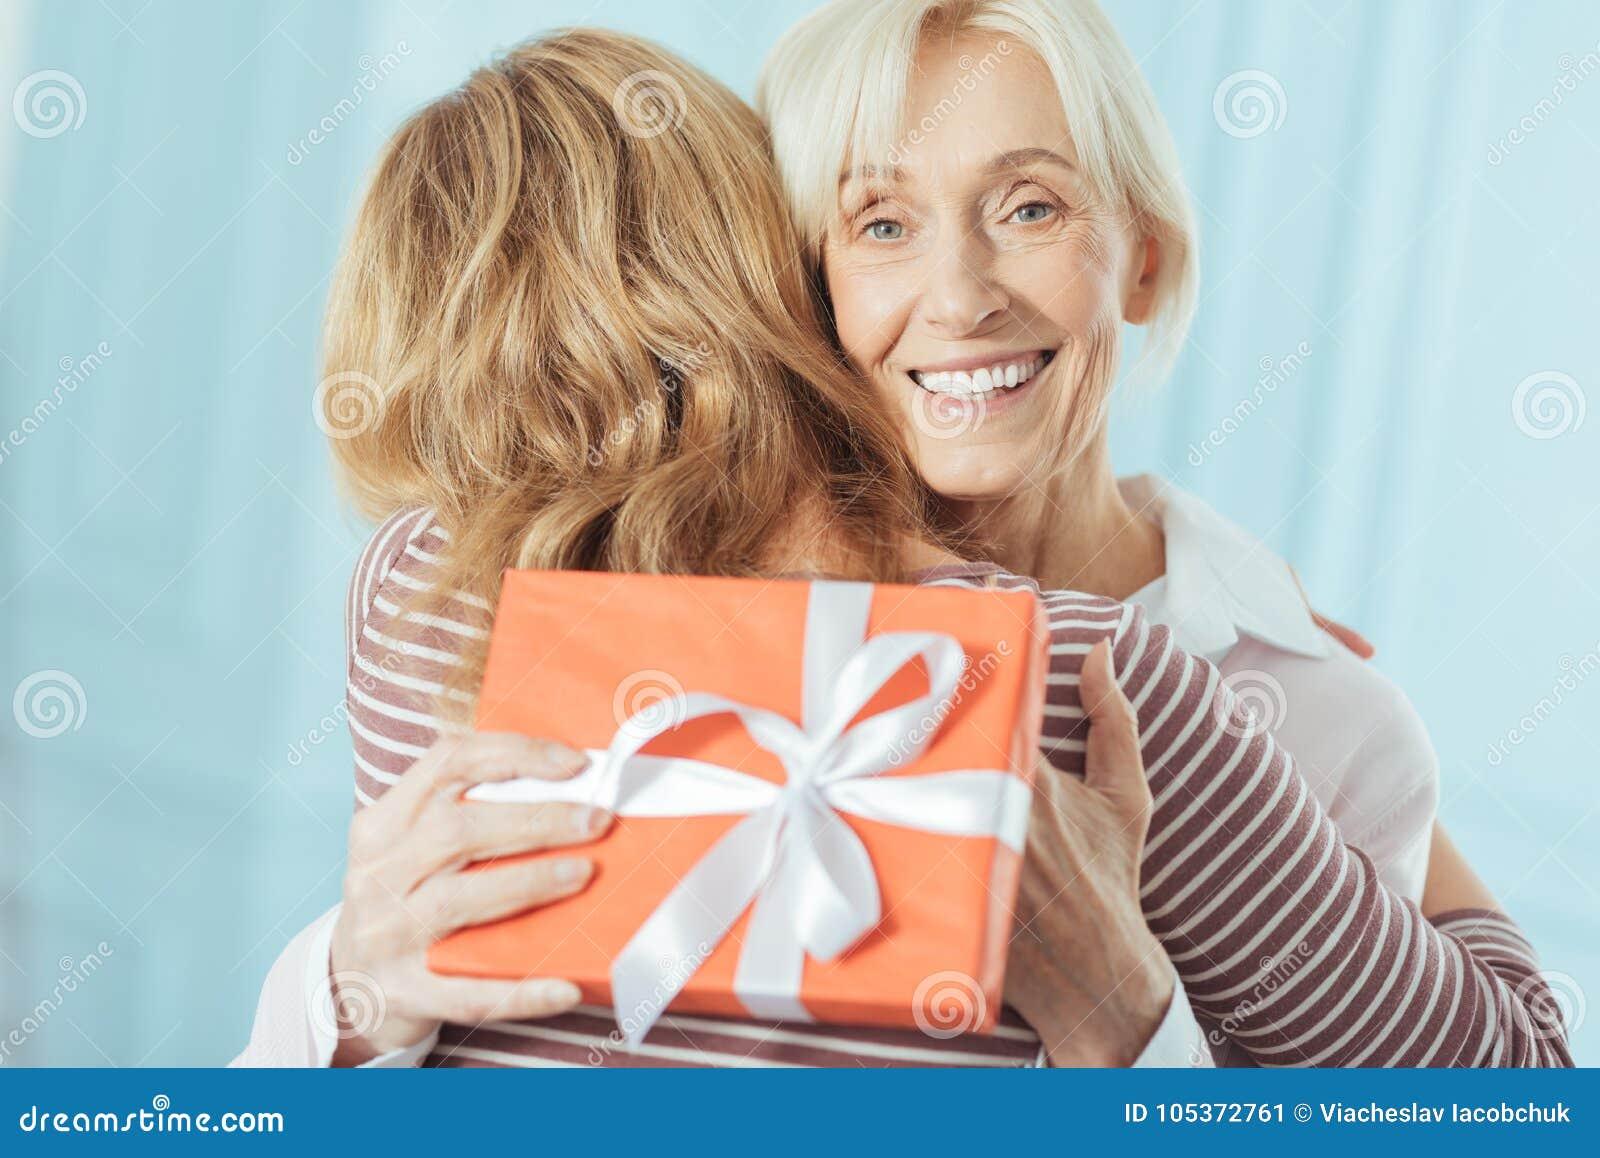 Συγκινημένος συνταξιούχος που στέκεται με ένα παρόν αγκαλιάζοντας τη χαριτωμένη εγγονή της